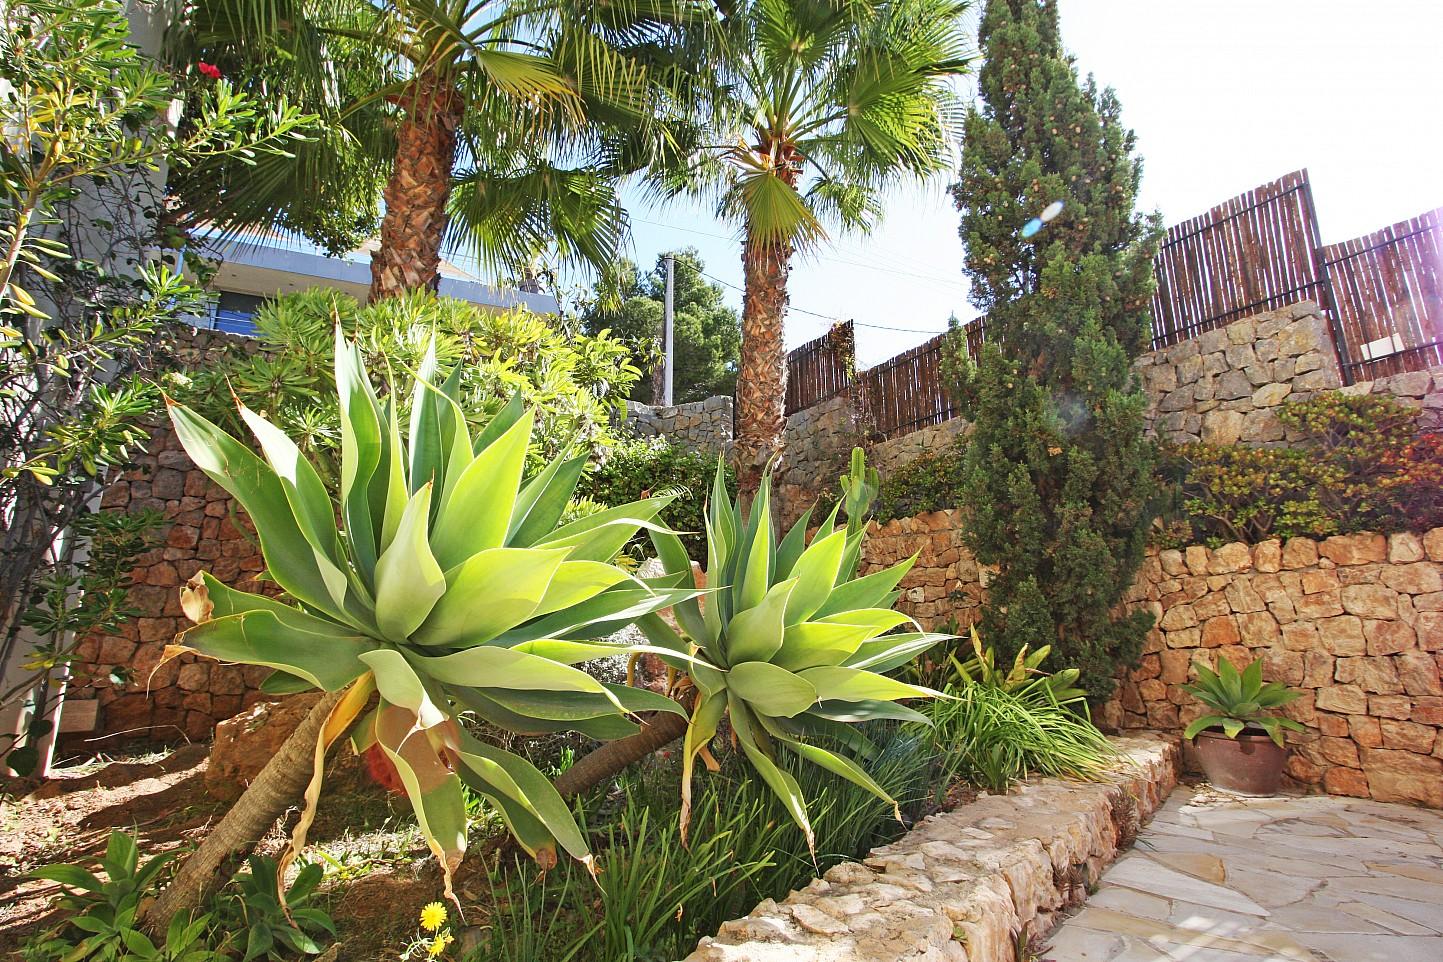 Jardines rodeados de palmeras